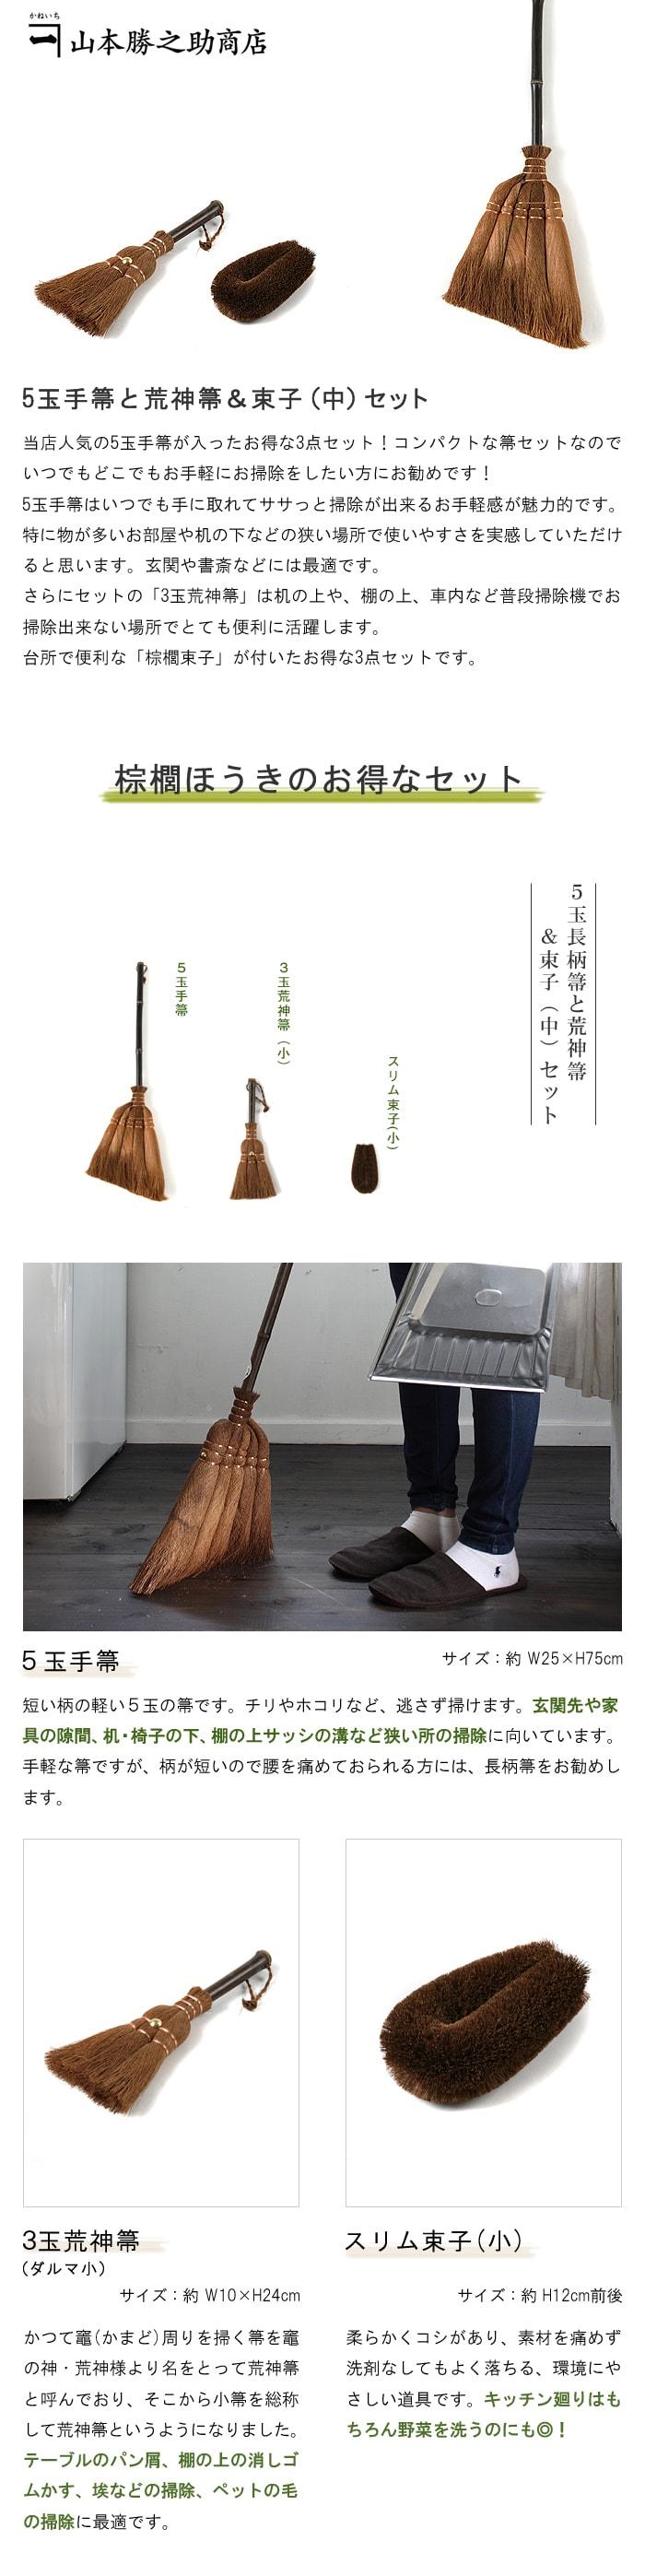 5玉長柄箒と荒神箒&束子(中)セット